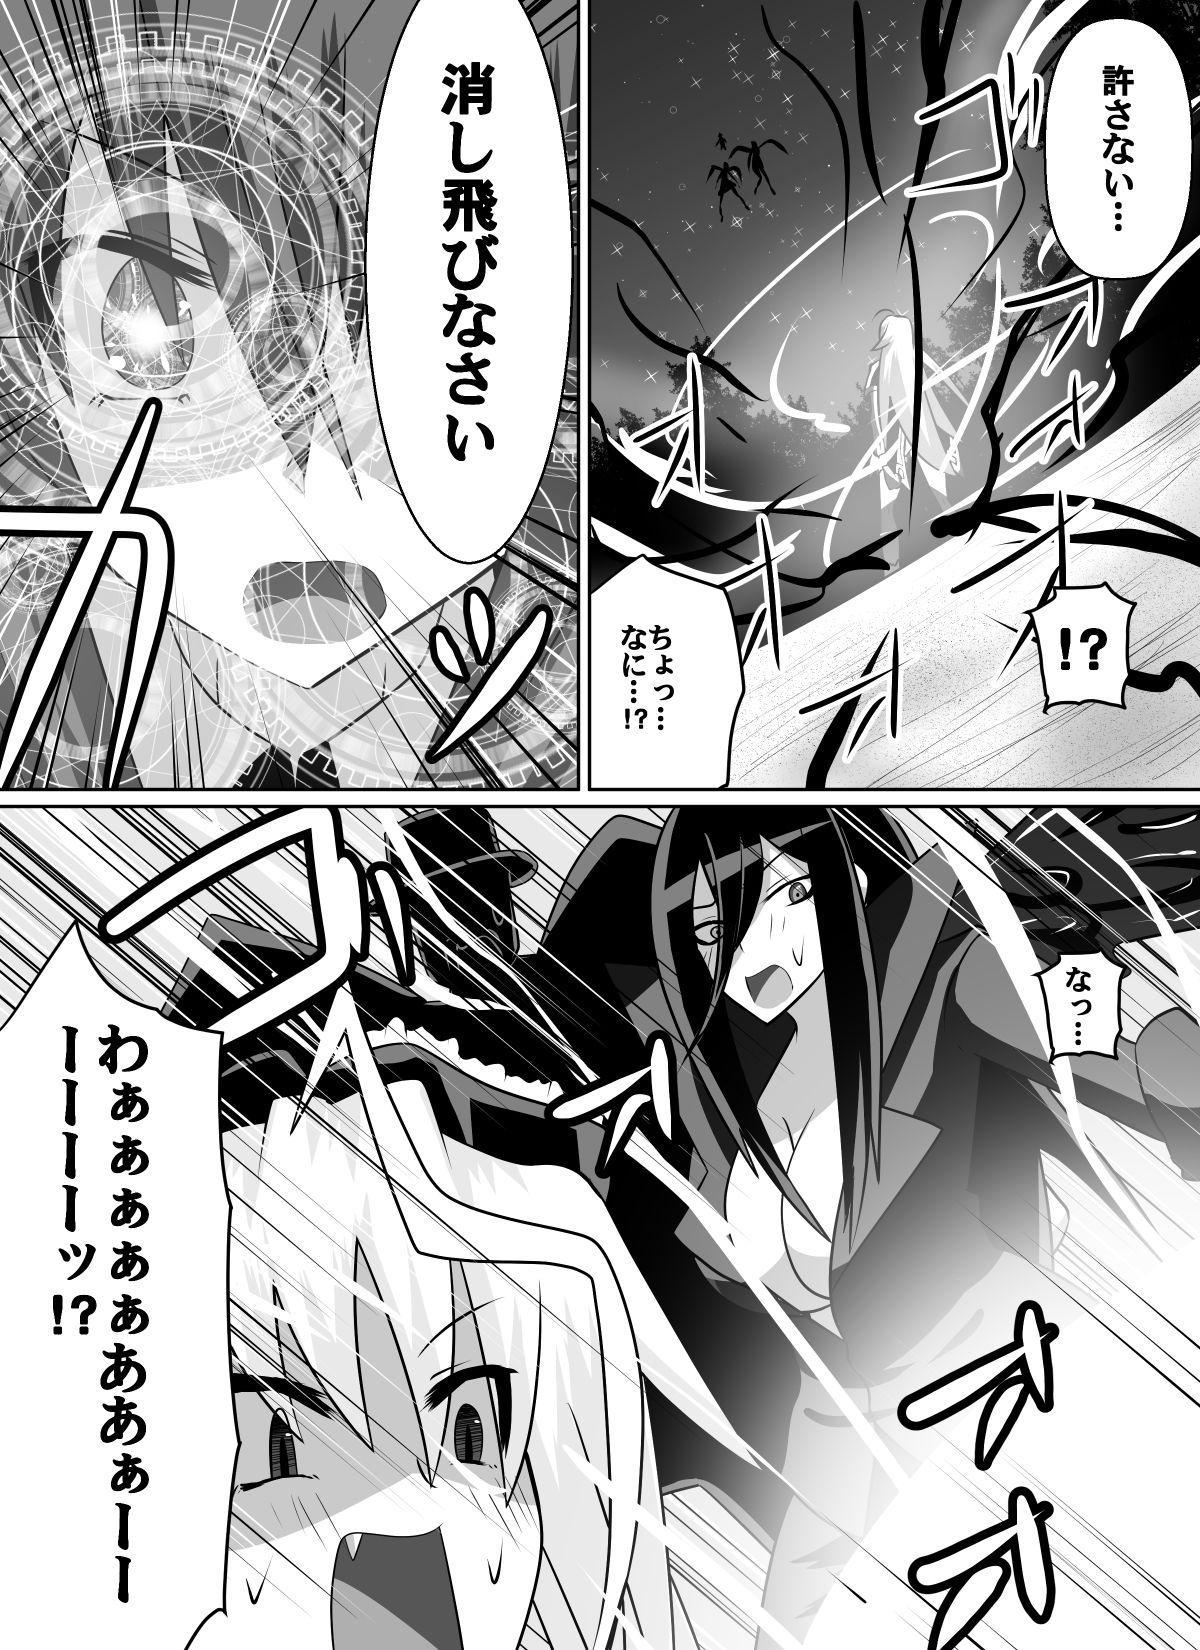 Benigami no Messatsuki ~Teki Onna ni Juurin Sareru Kouketsu Shoujo 4